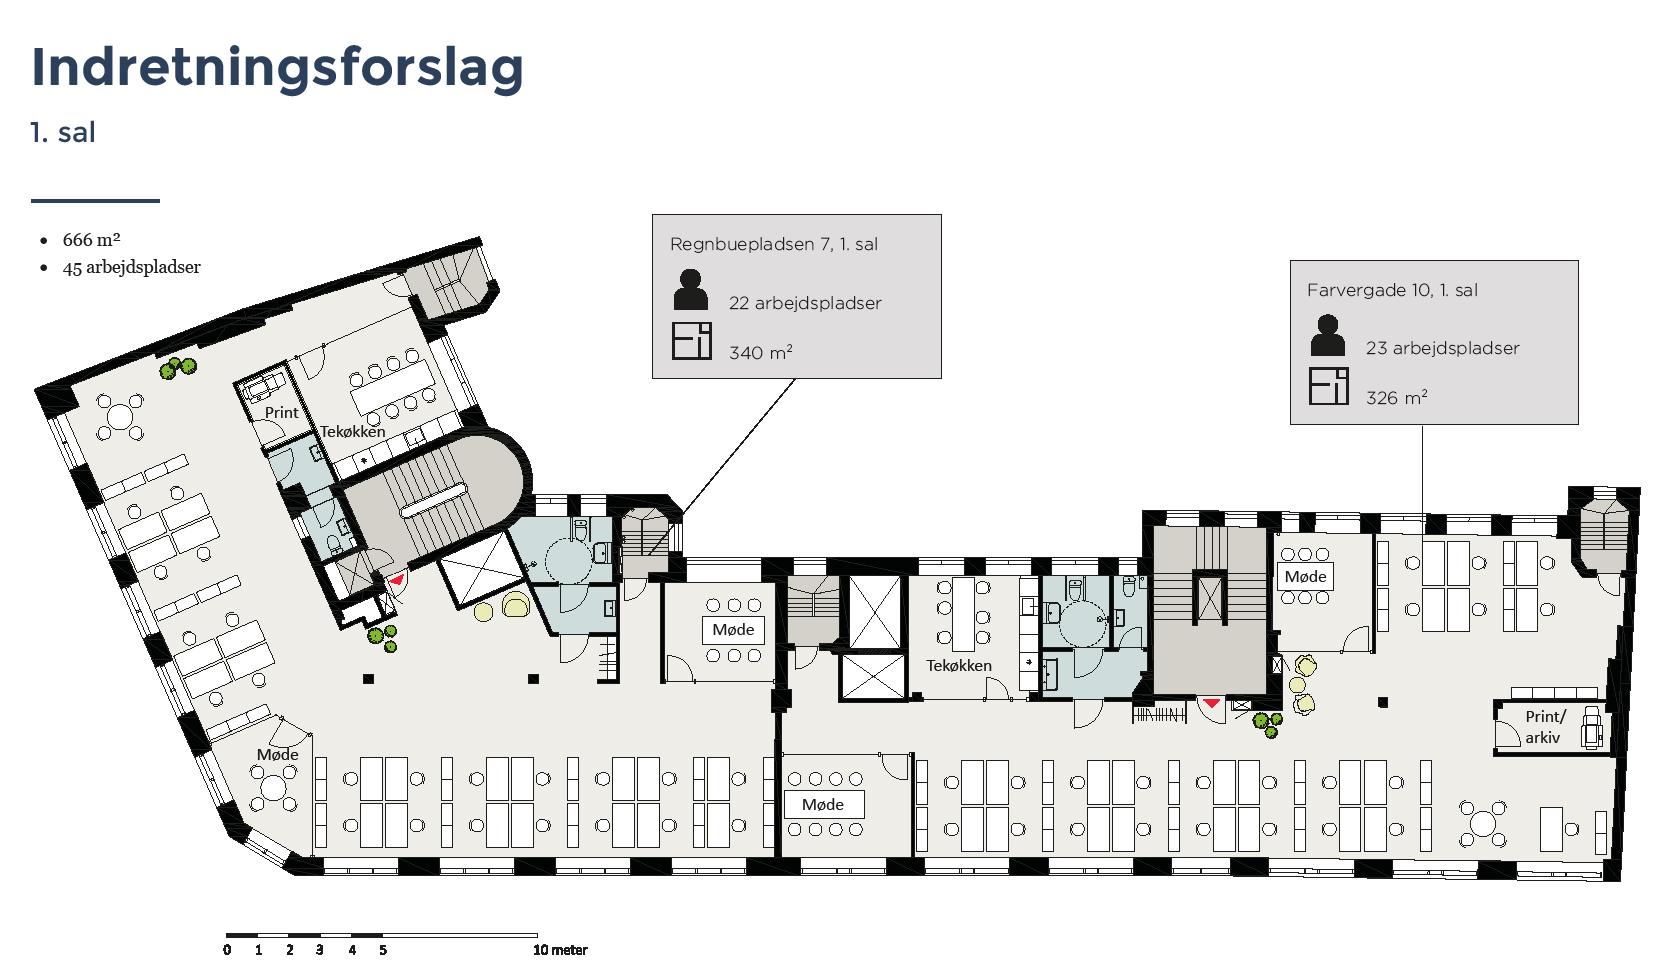 Plantegning - 1.sal - Farvergade 10 / Regnbuepladsen 7, 1463 København K